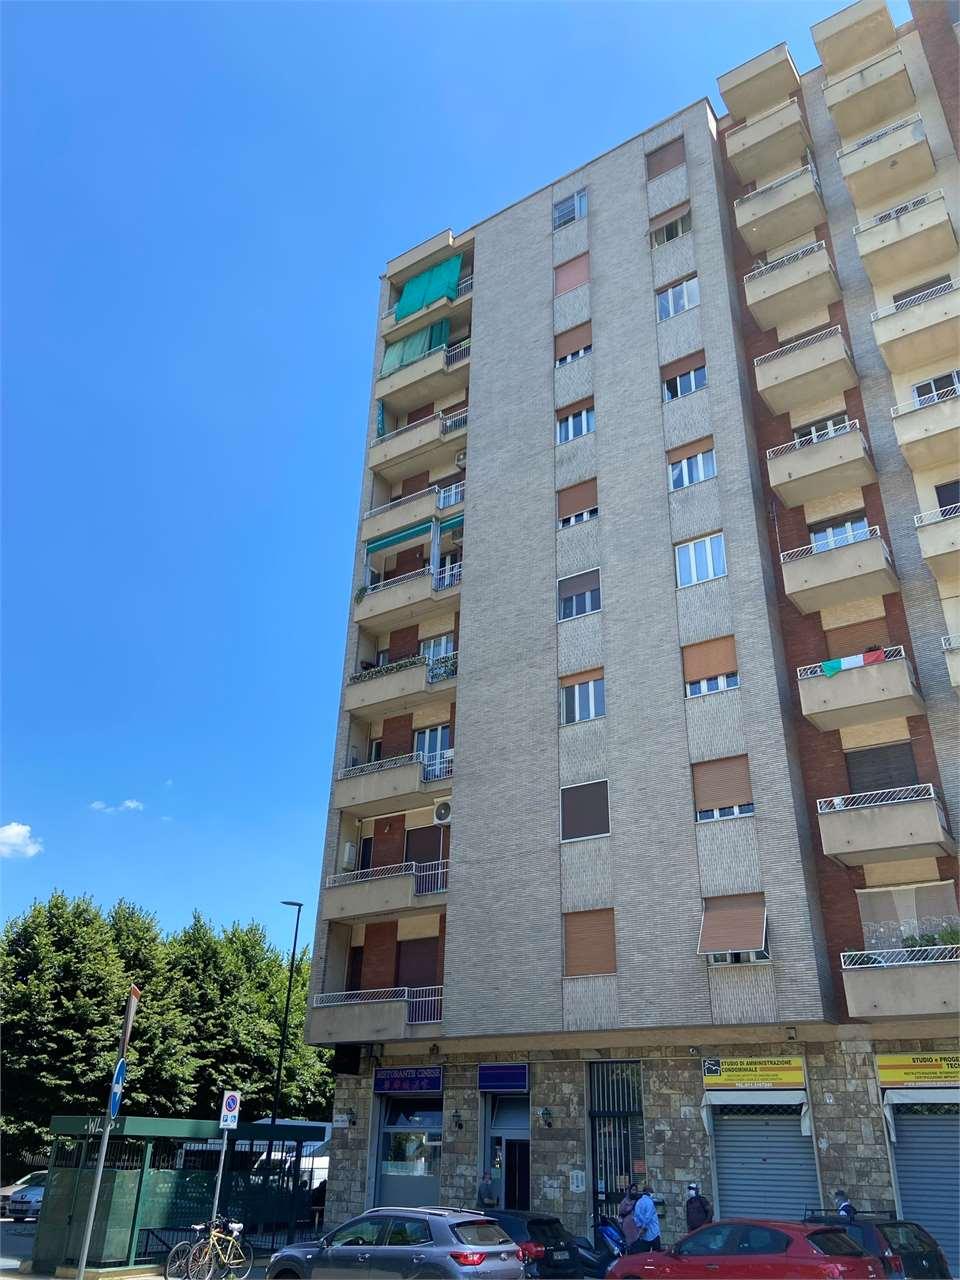 Appartamento in affitto a Torino, 3 locali, zona Località: Lingotto, prezzo € 490 | CambioCasa.it